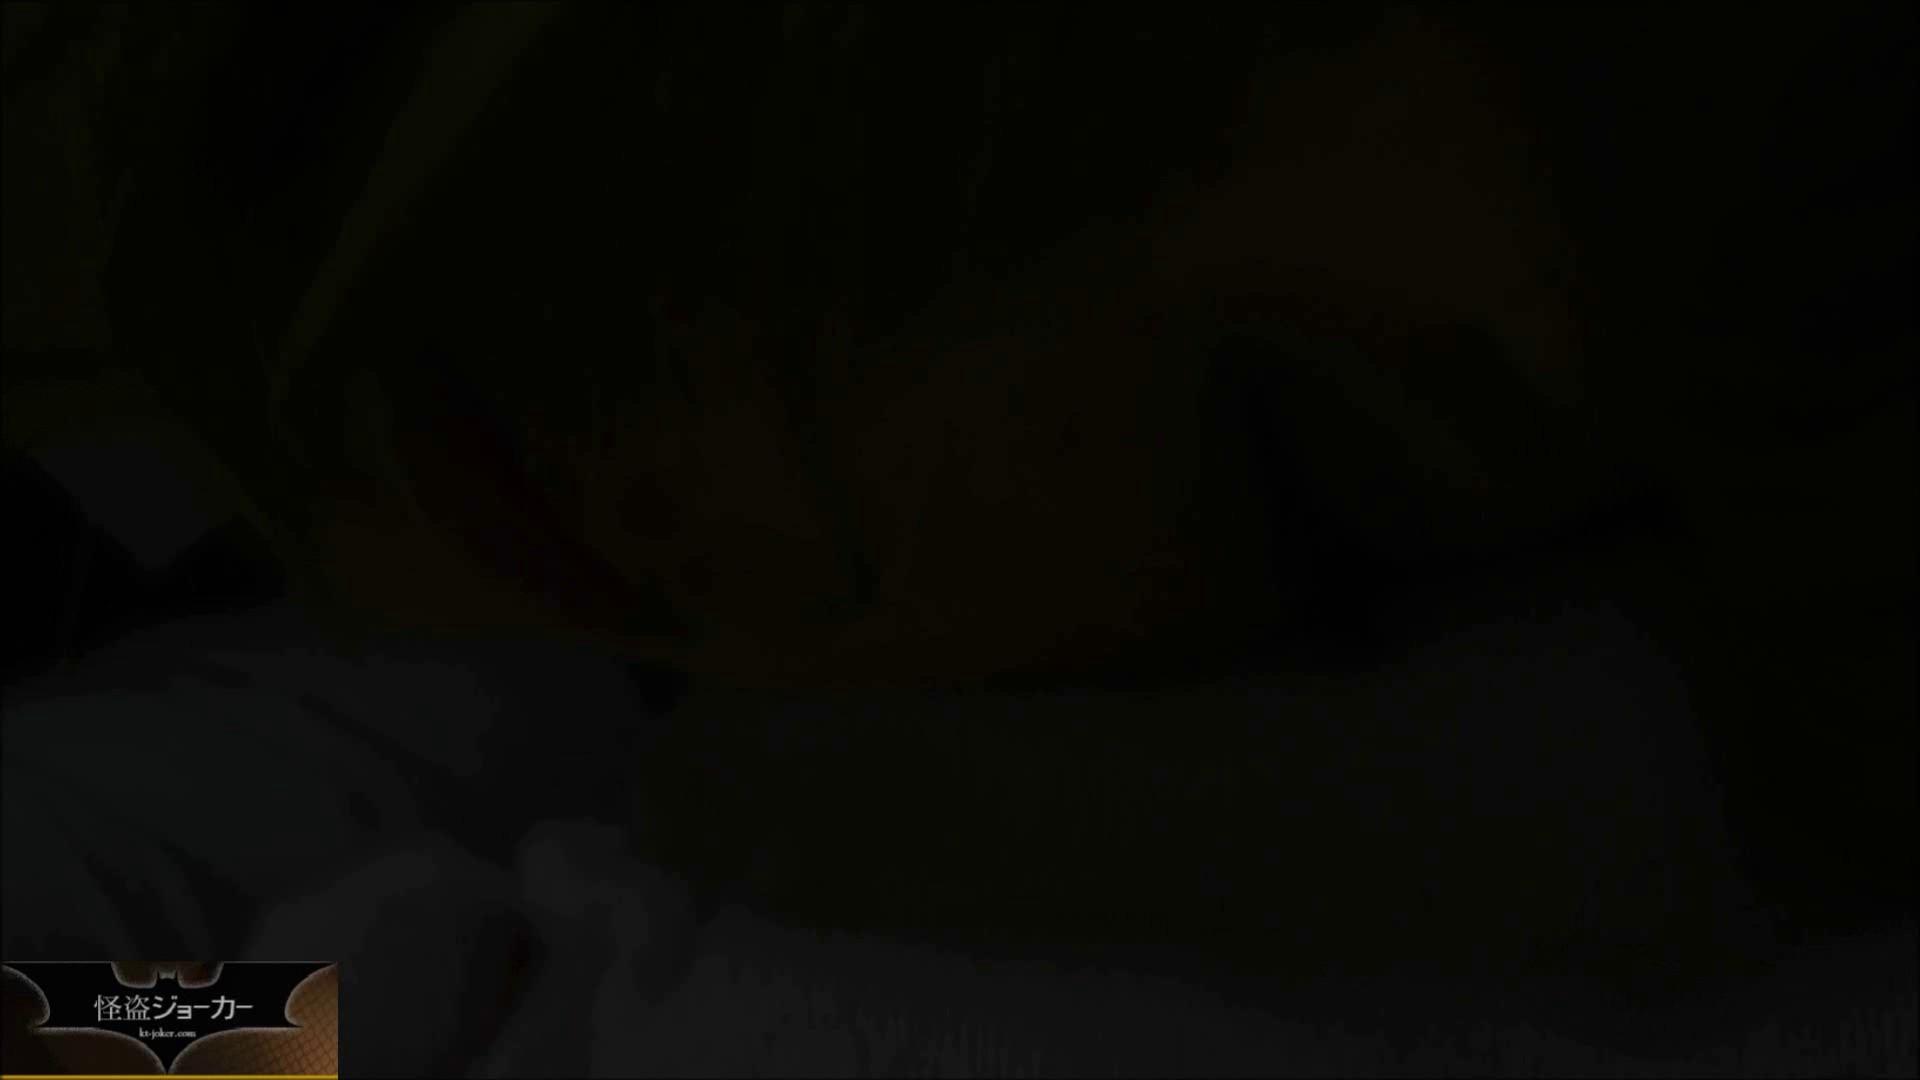 【未公開】vol.3ユリナに実女市ヒトミを愛撫させ・・・女市がおかされる現場を離れ。 高画質動画 オマンコ動画キャプチャ 92画像 45